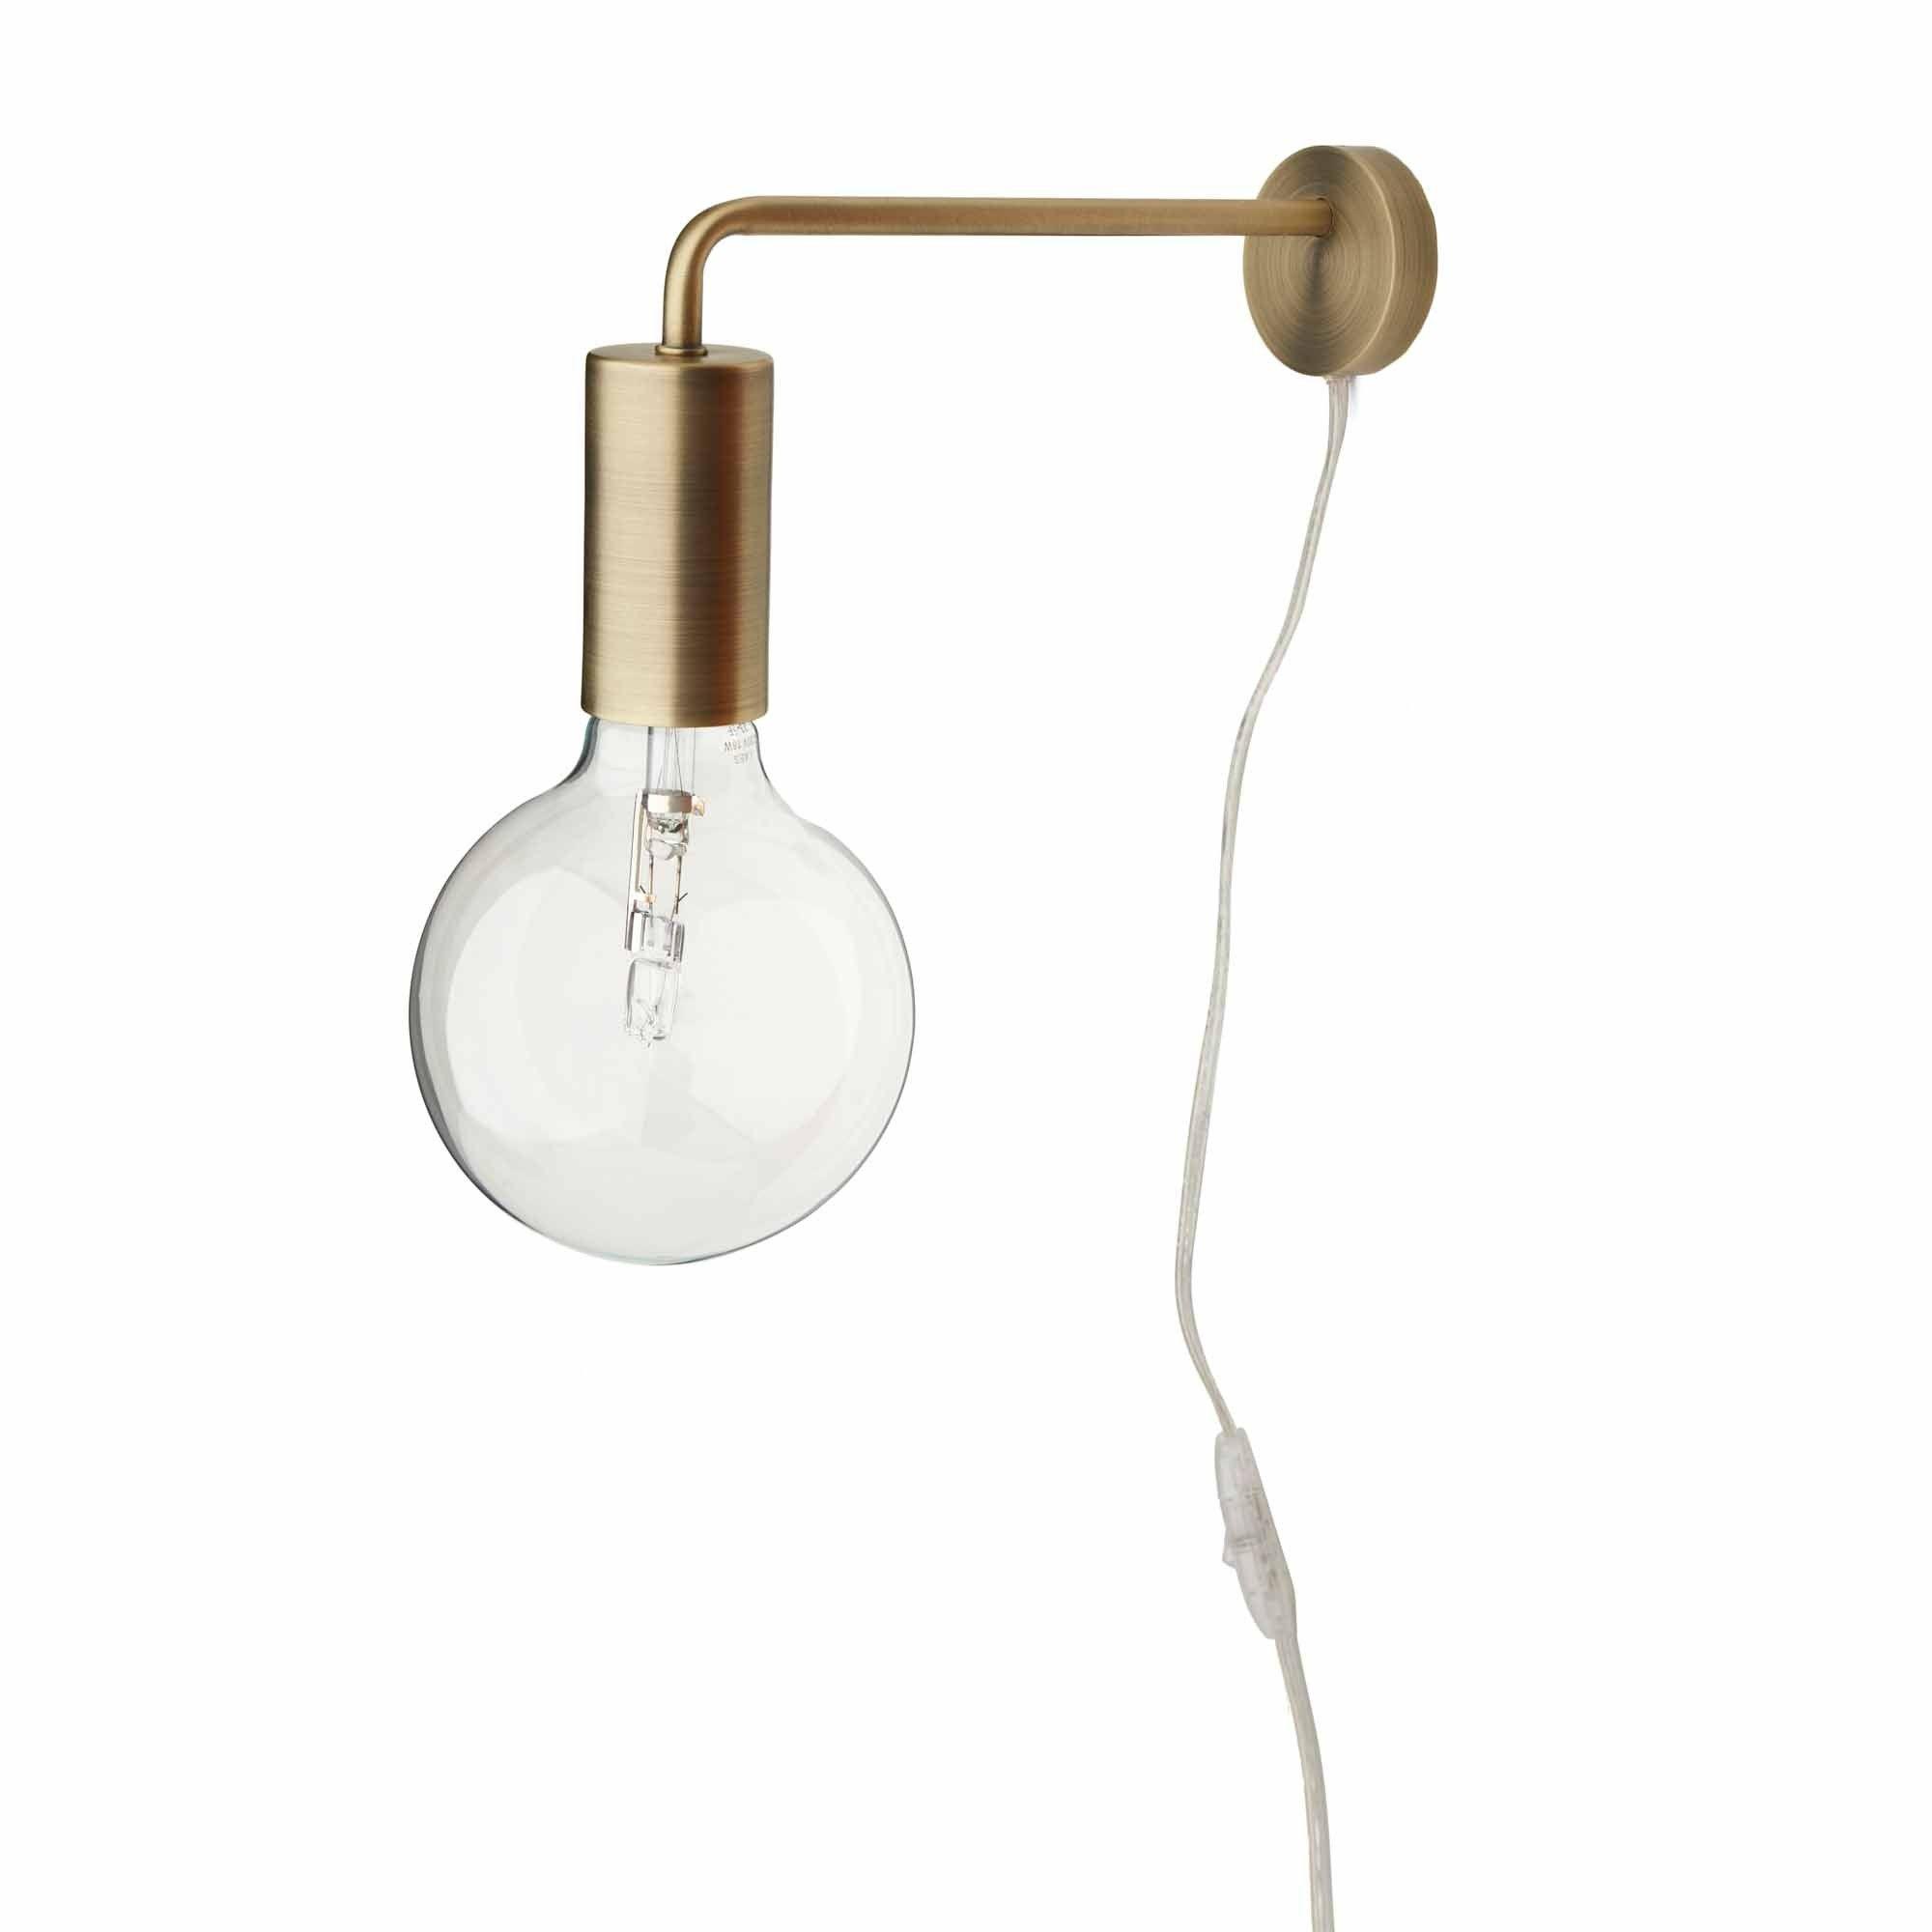 lampe form glühbirne erfassung abbild und eeecfaadbd